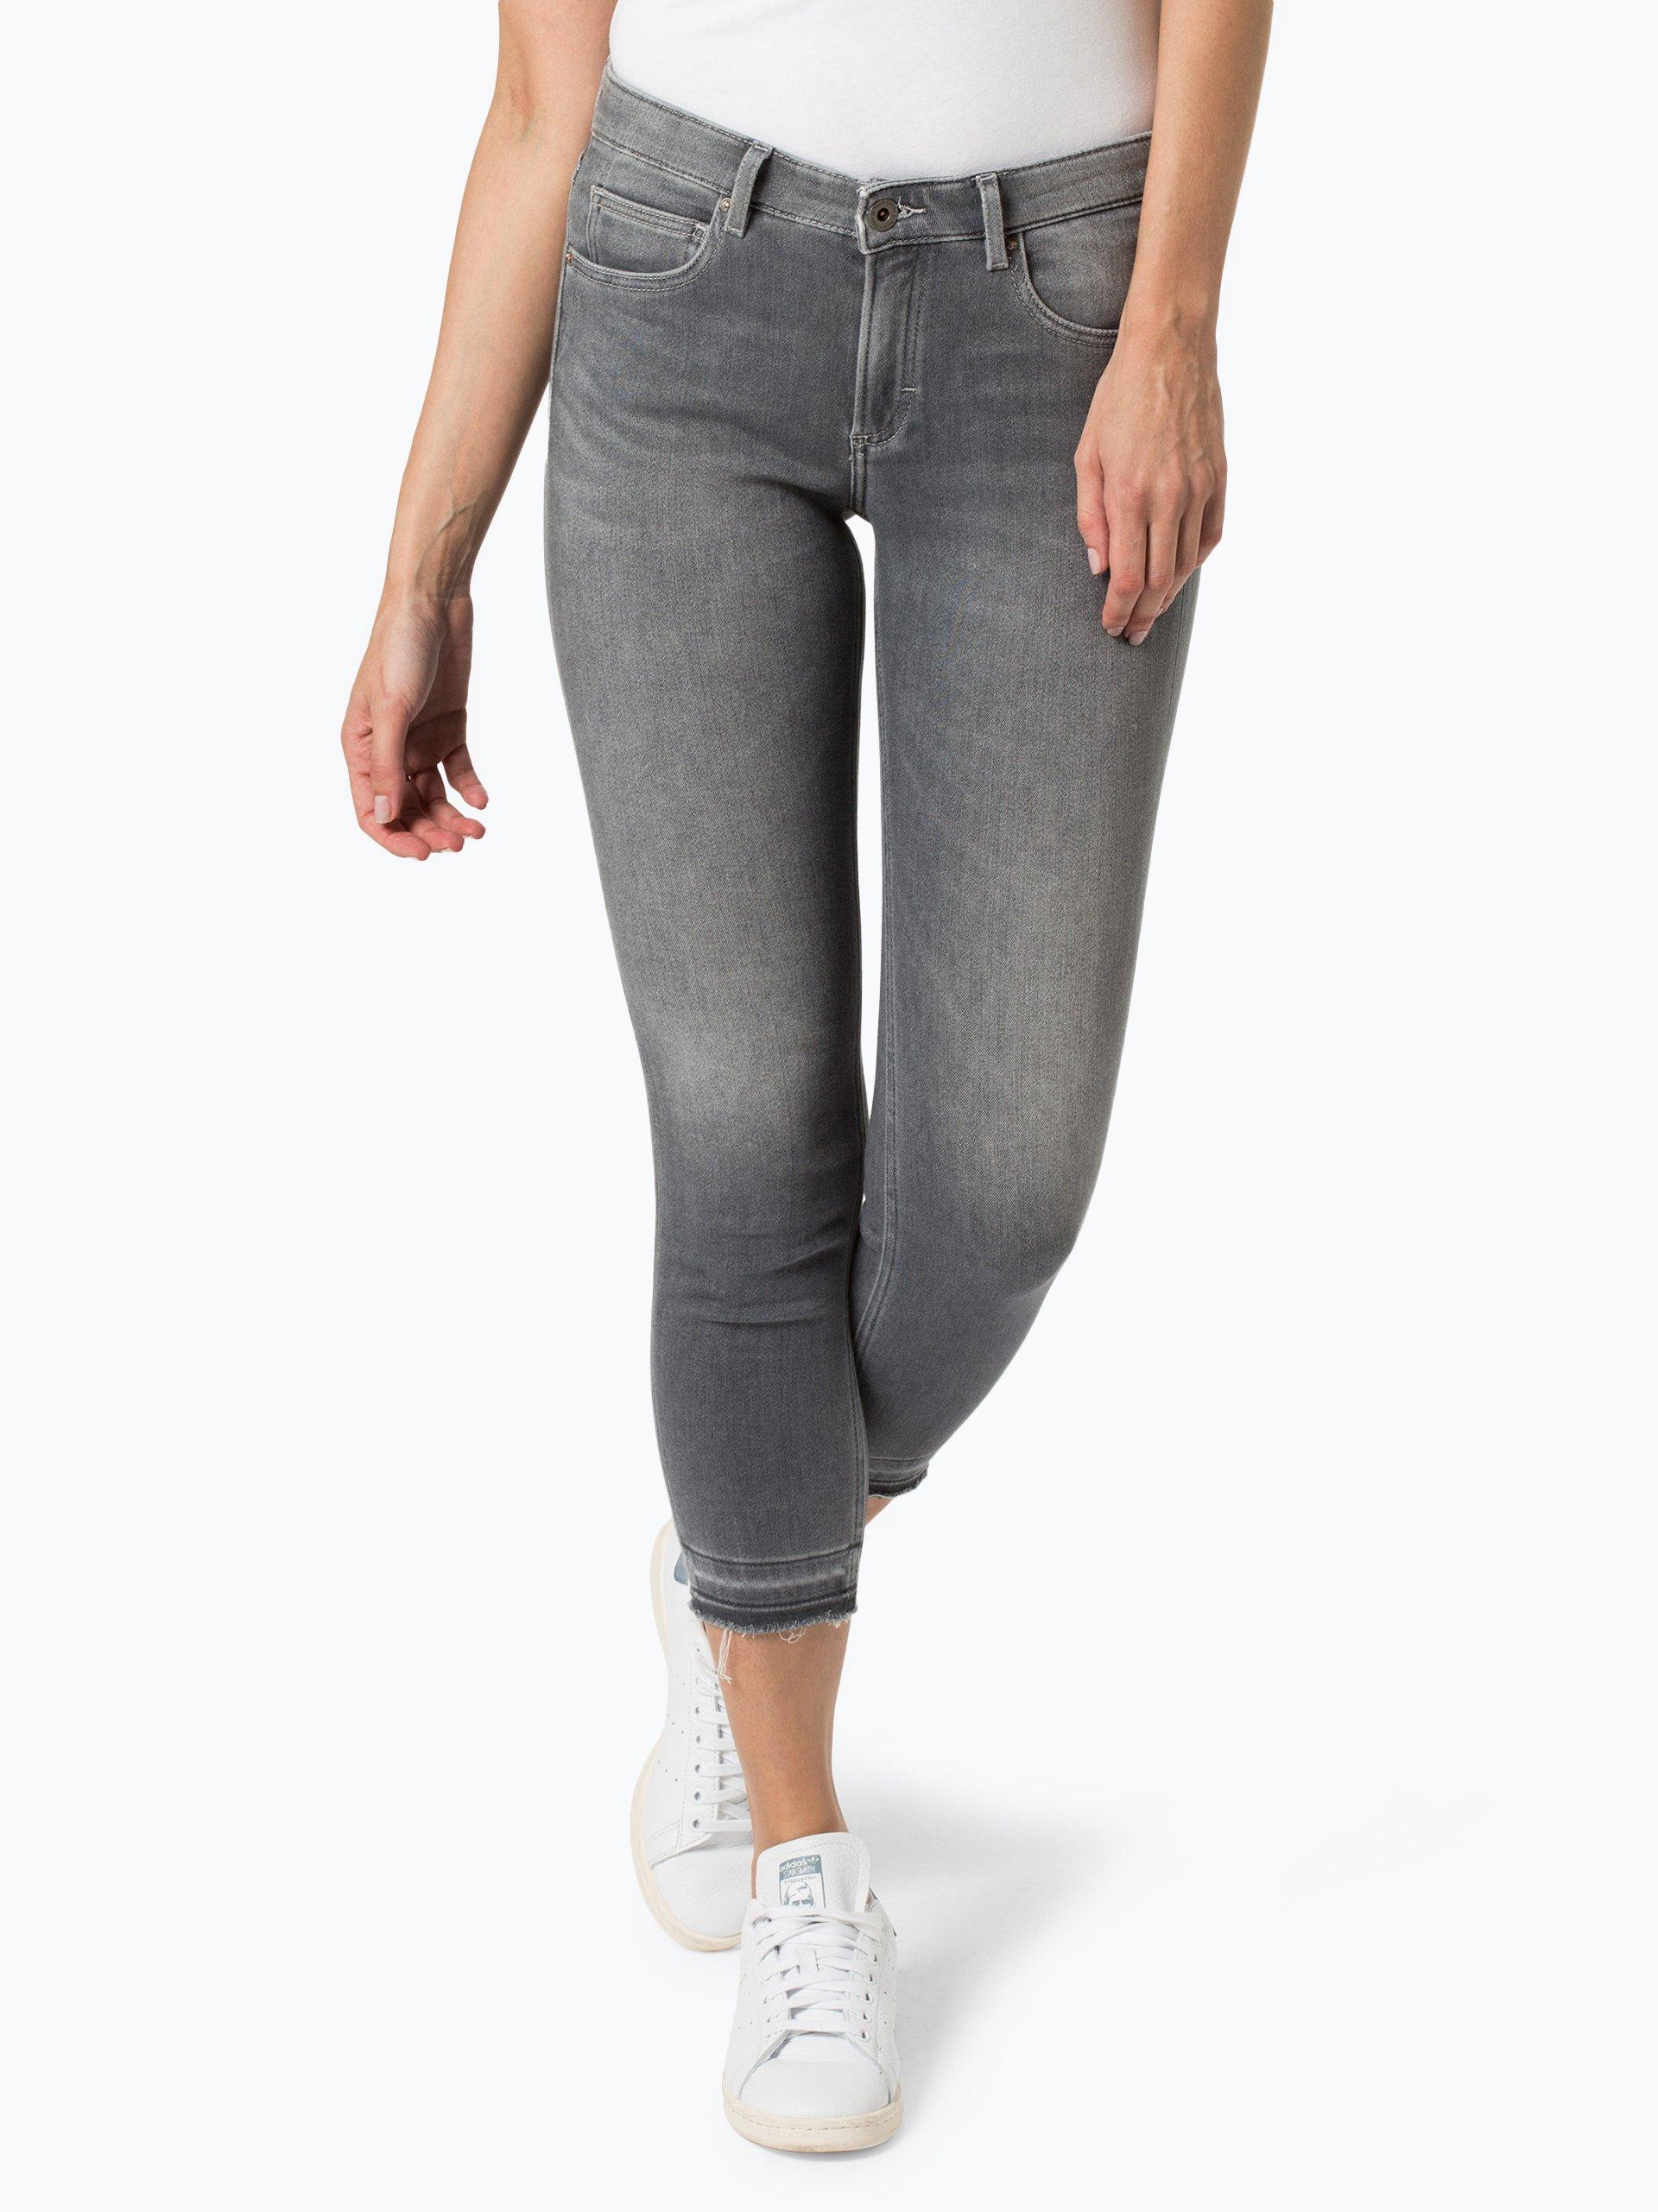 Marc O'Polo Damen Jeans Lulea Cropped online kaufen